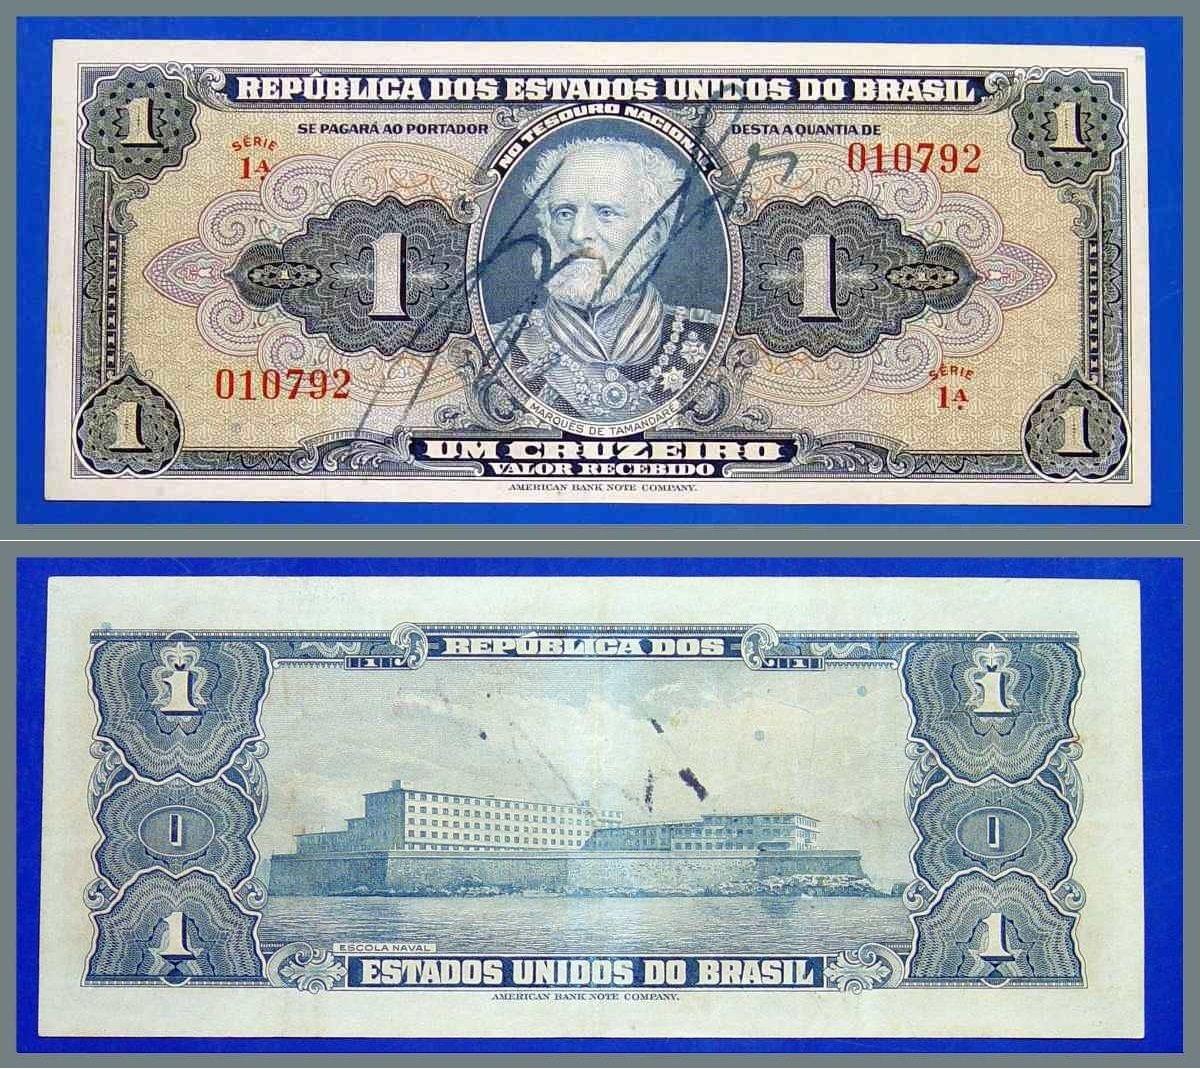 Cedula Antiga Do Brasil 1 Cruzeiro Fabricante American Bank Note